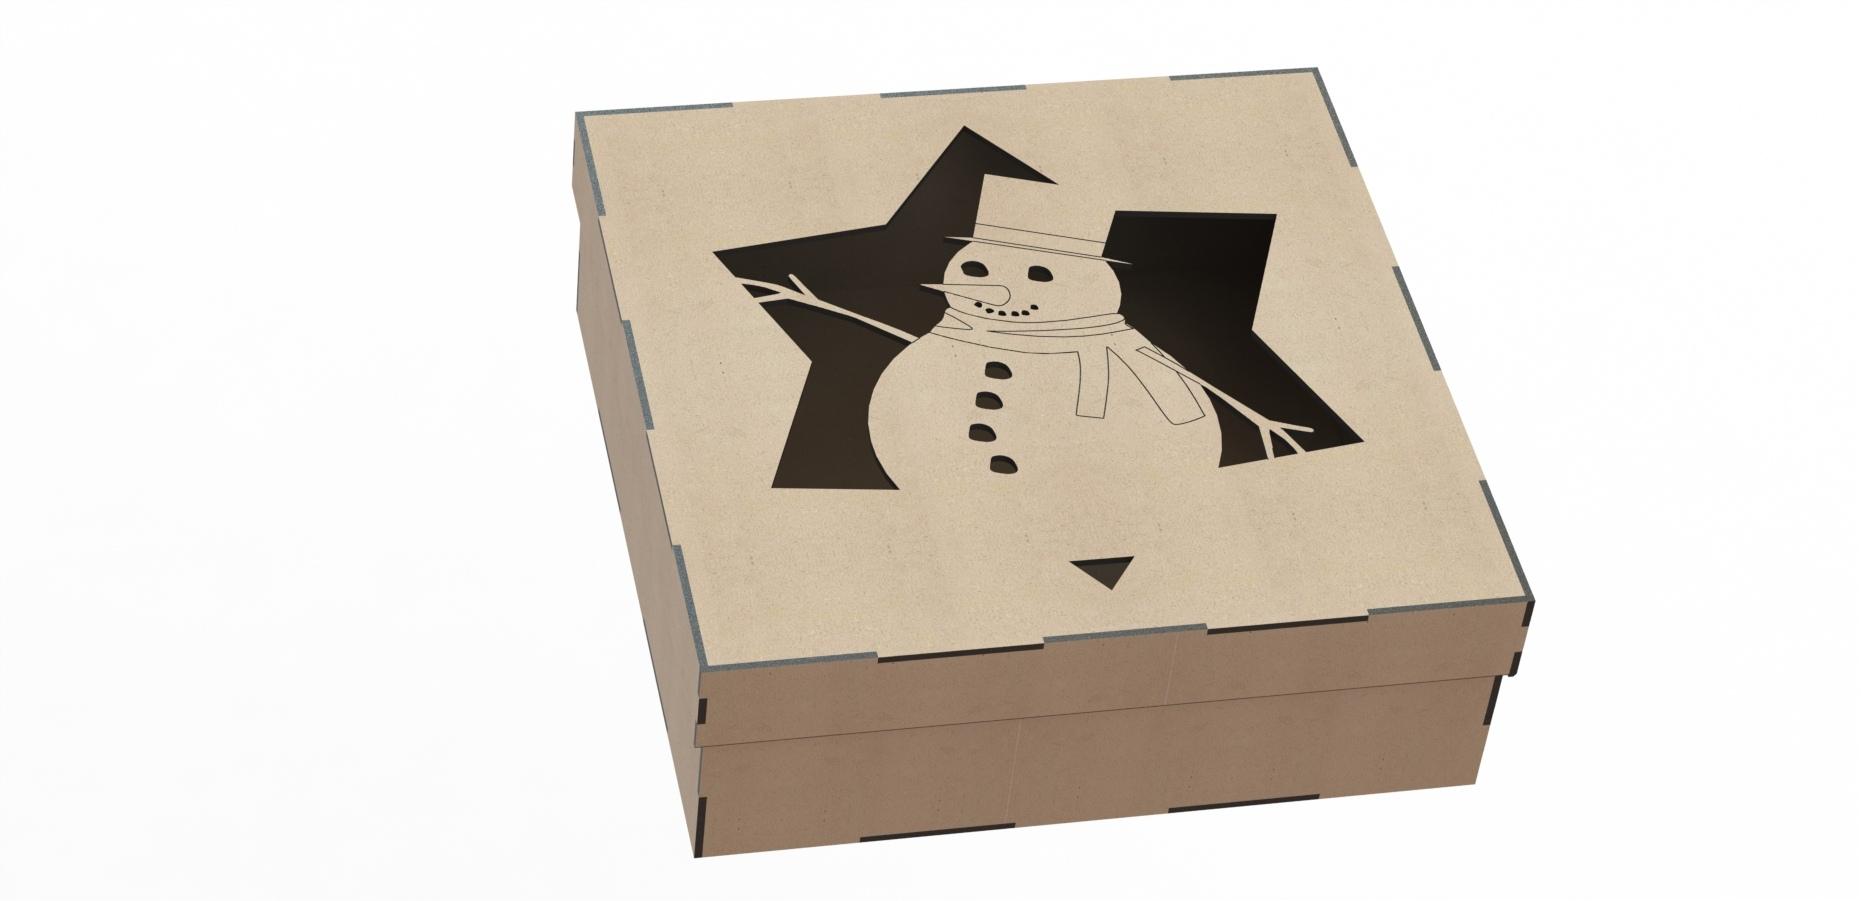 Laser Cut Wood Box Template Free CDR Vectors Art